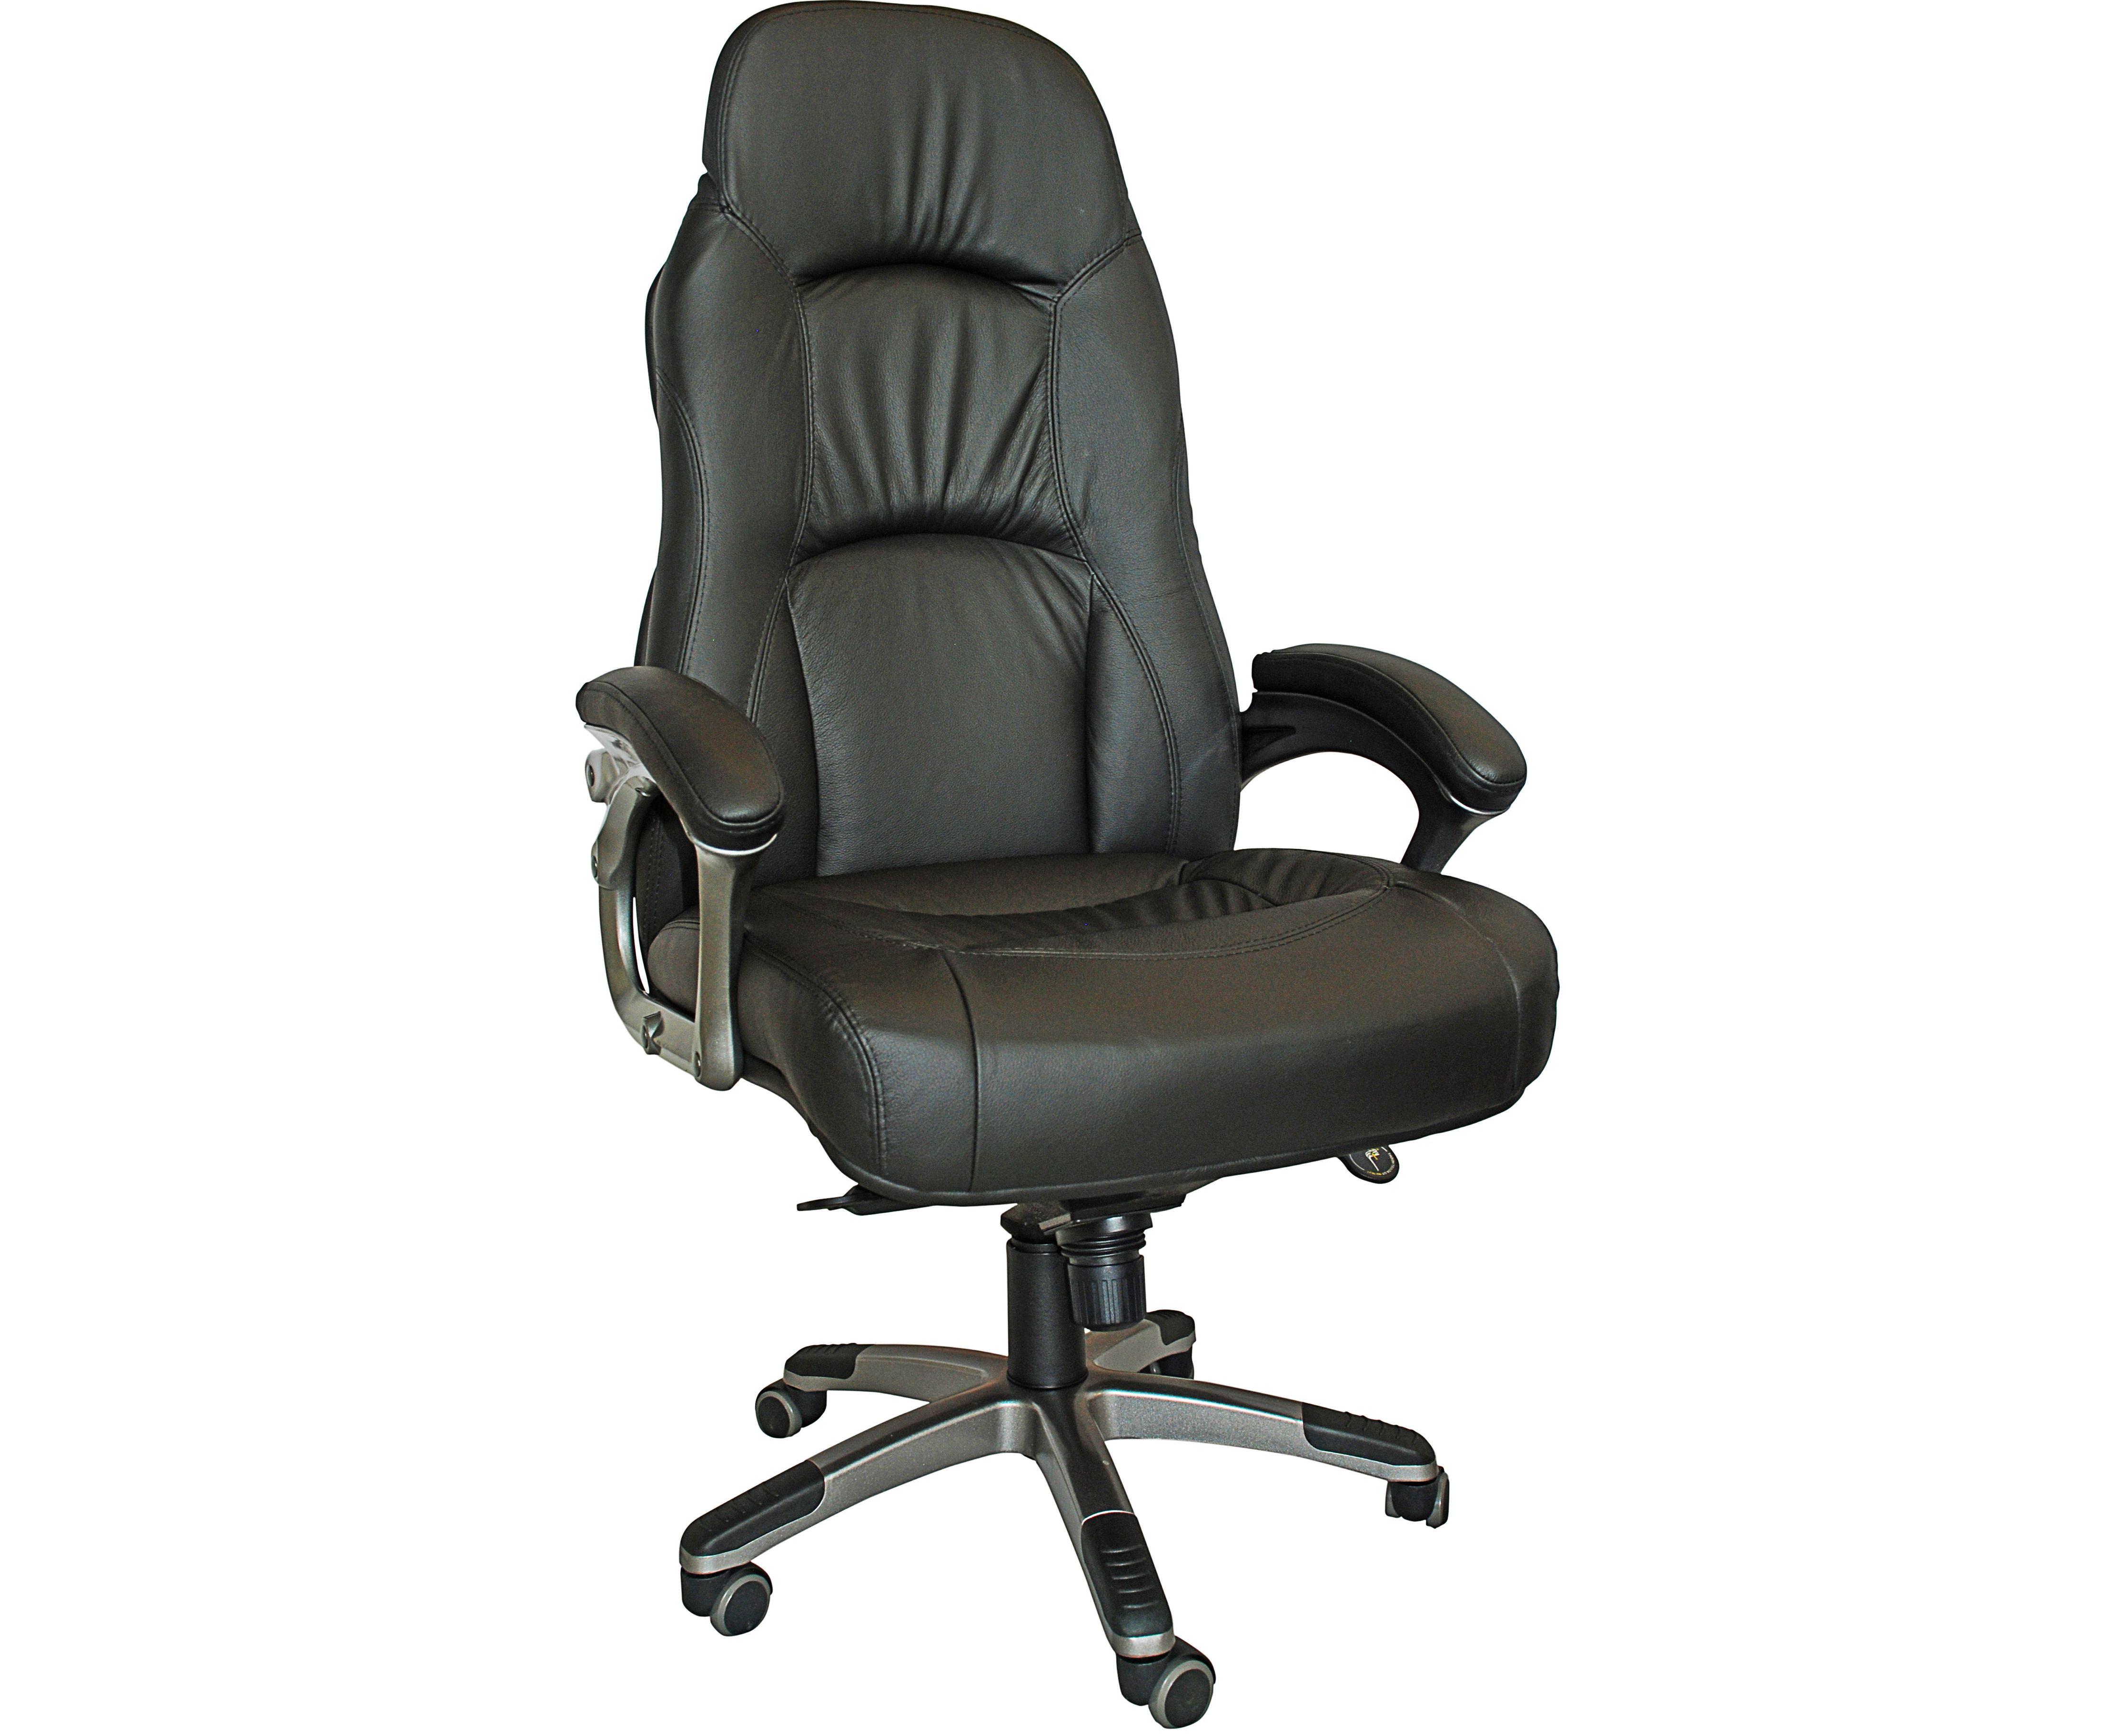 Компьютерное кресло Tutkresla Амулет Silver 9991076, черный